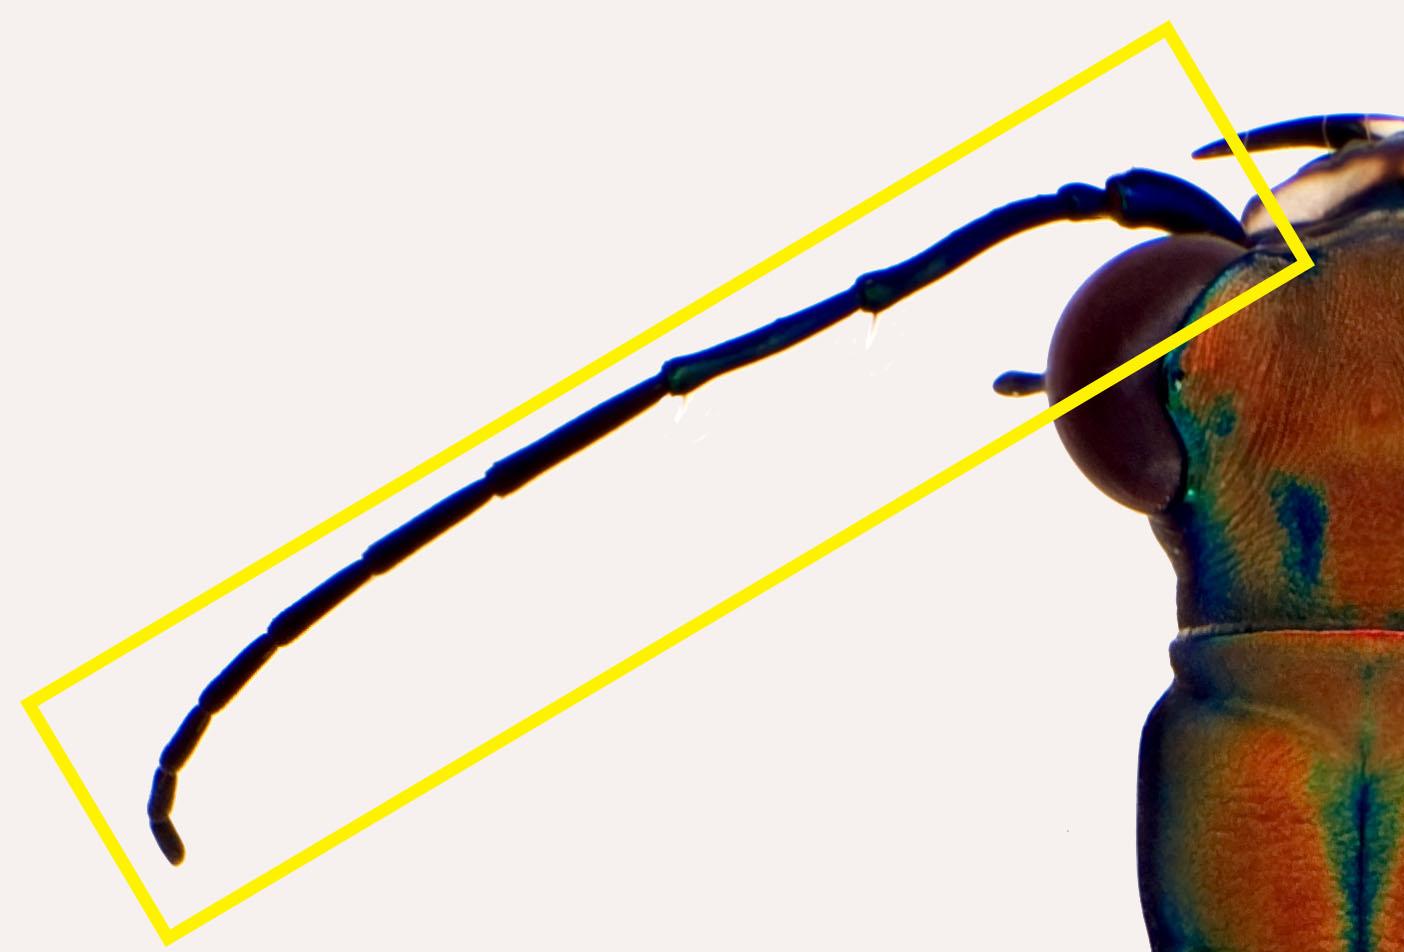 Cic aurulenta antenna.jpg